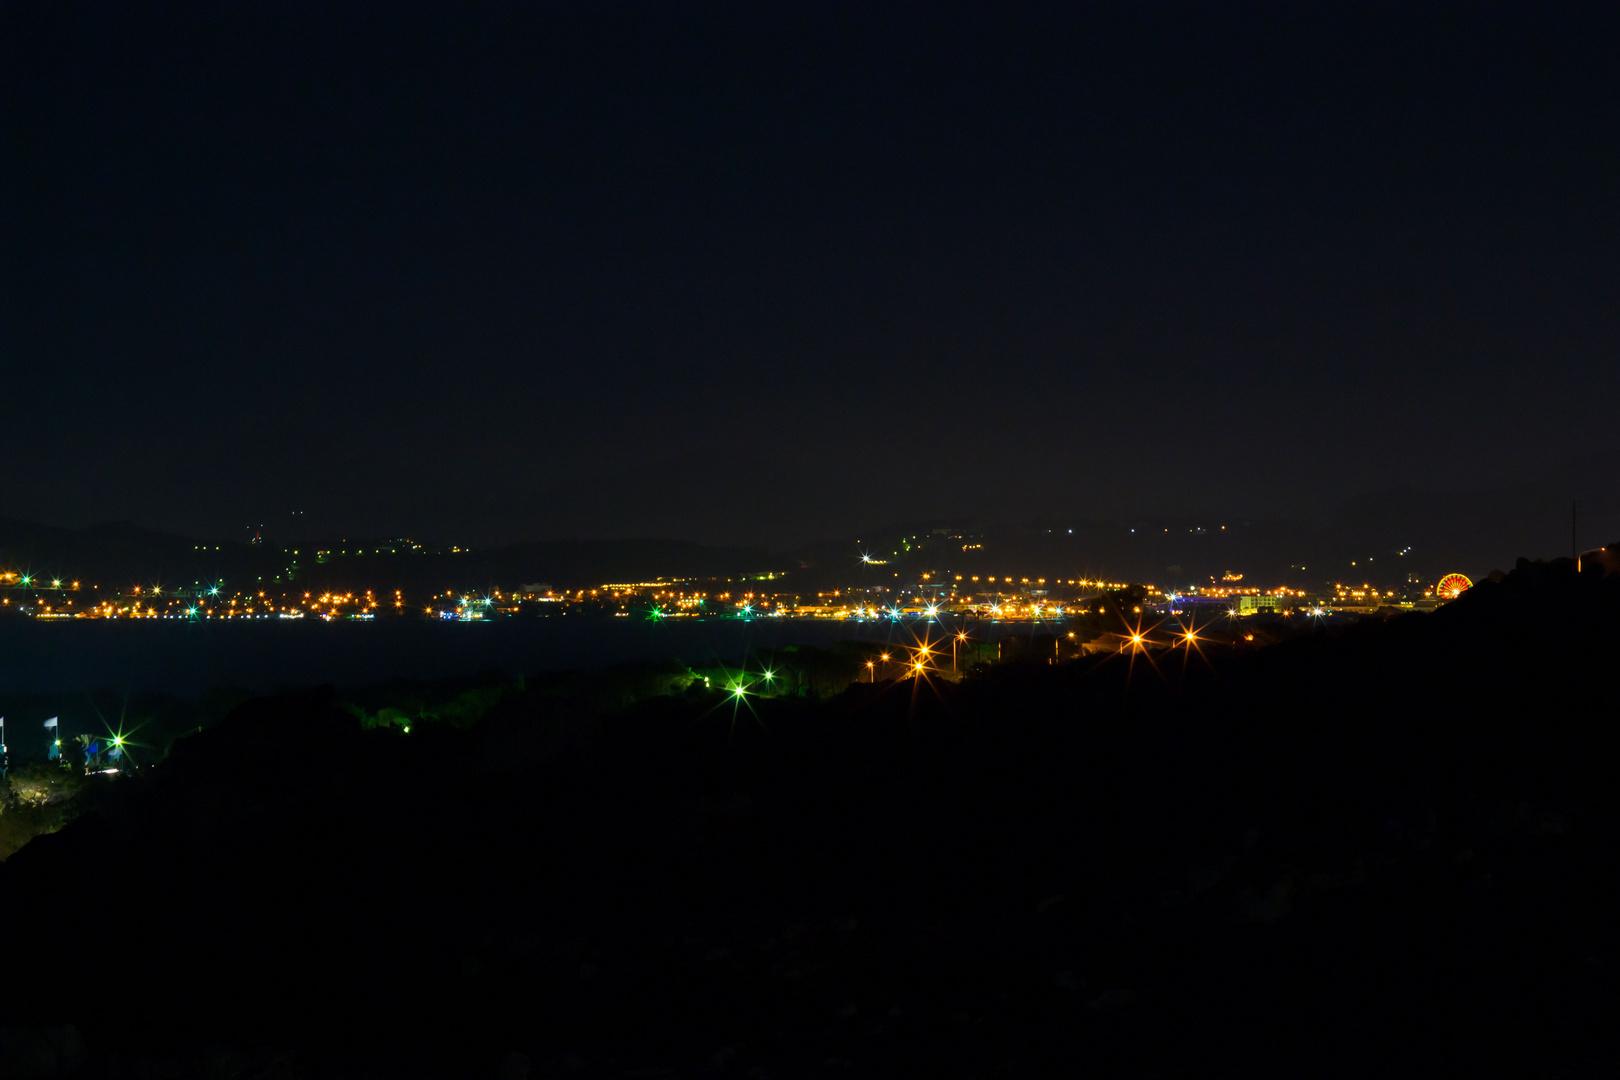 Faliraki /Rhodos bei Nacht vom Balkon aus auf 105 mm